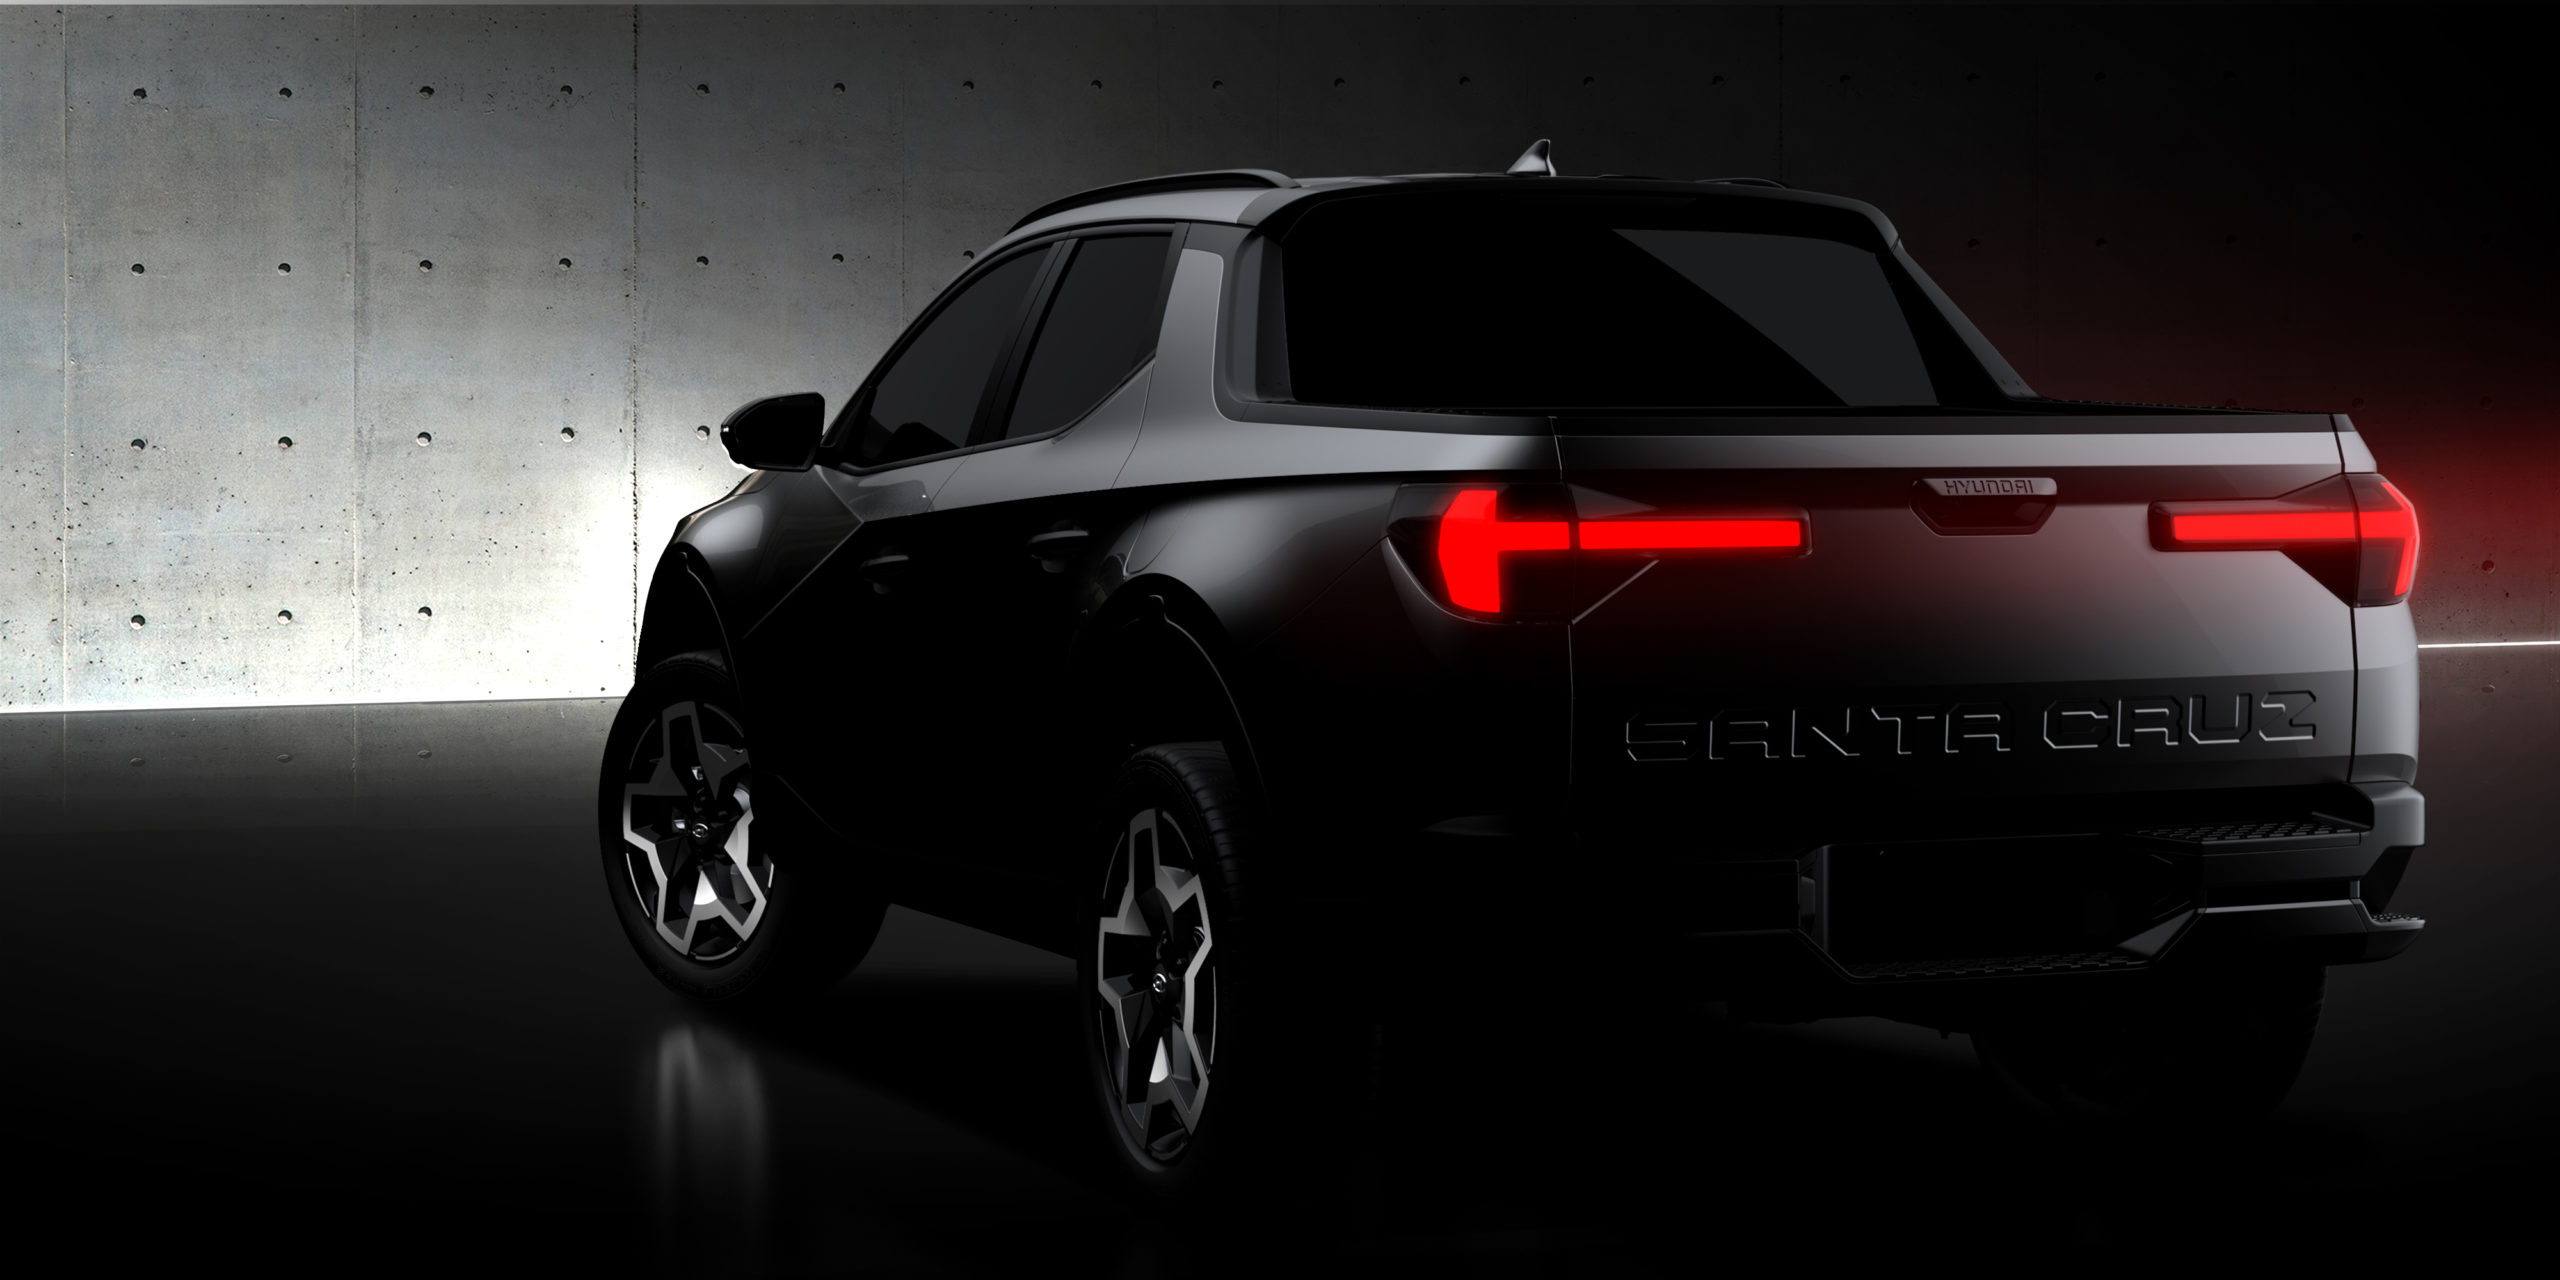 2022 Hyundai Santa Cruz teaser sketch